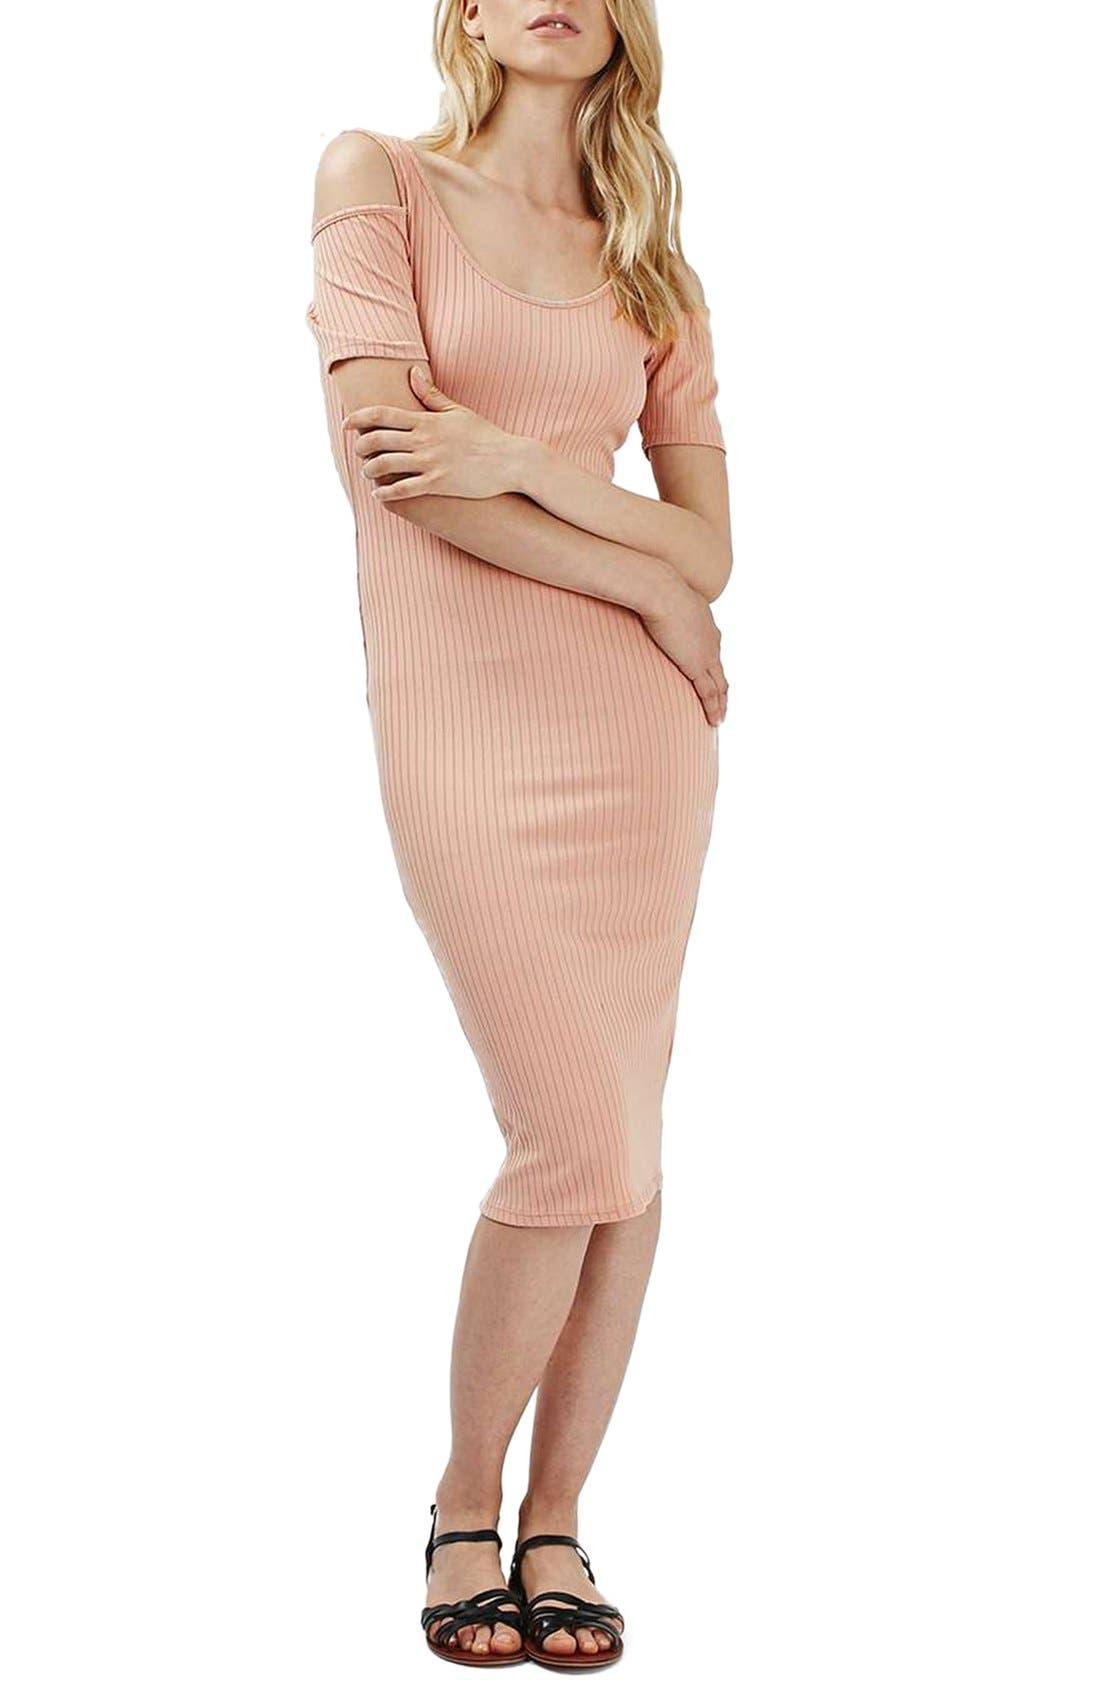 TOPSHOP, Cold Shoulder Ribbed Midi Dress, Main thumbnail 1, color, 250